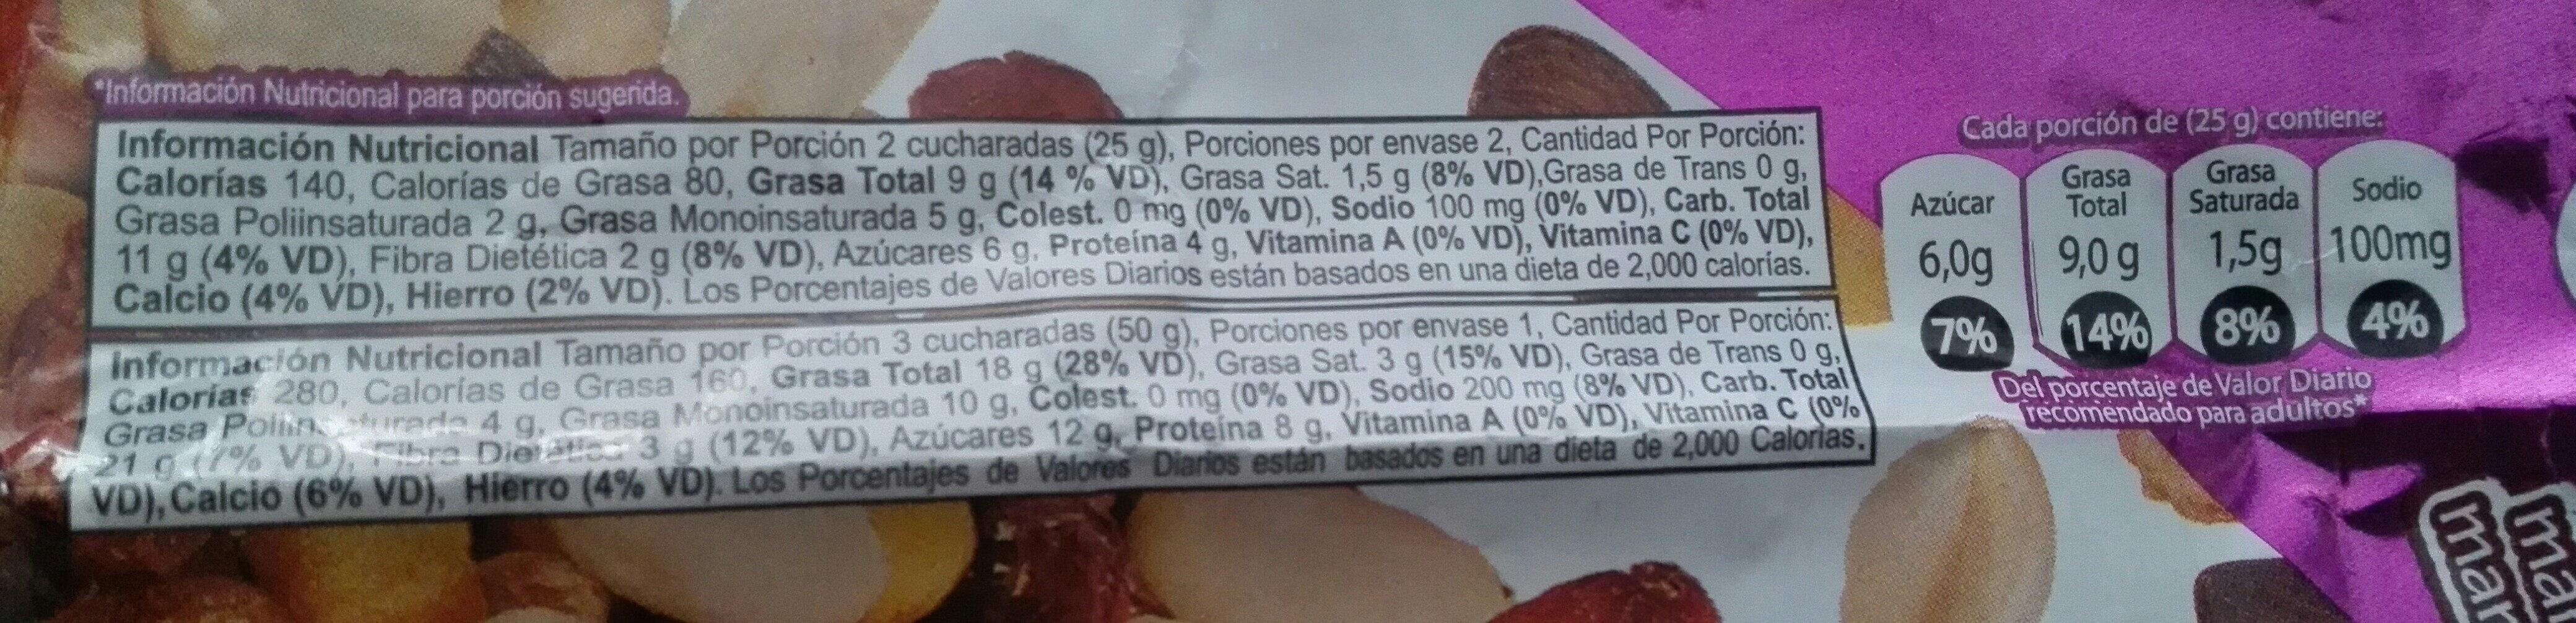 Mezcla de maní con sal, maíz tostado, maní confitado, almendras y arándanos - Nutrition facts - es